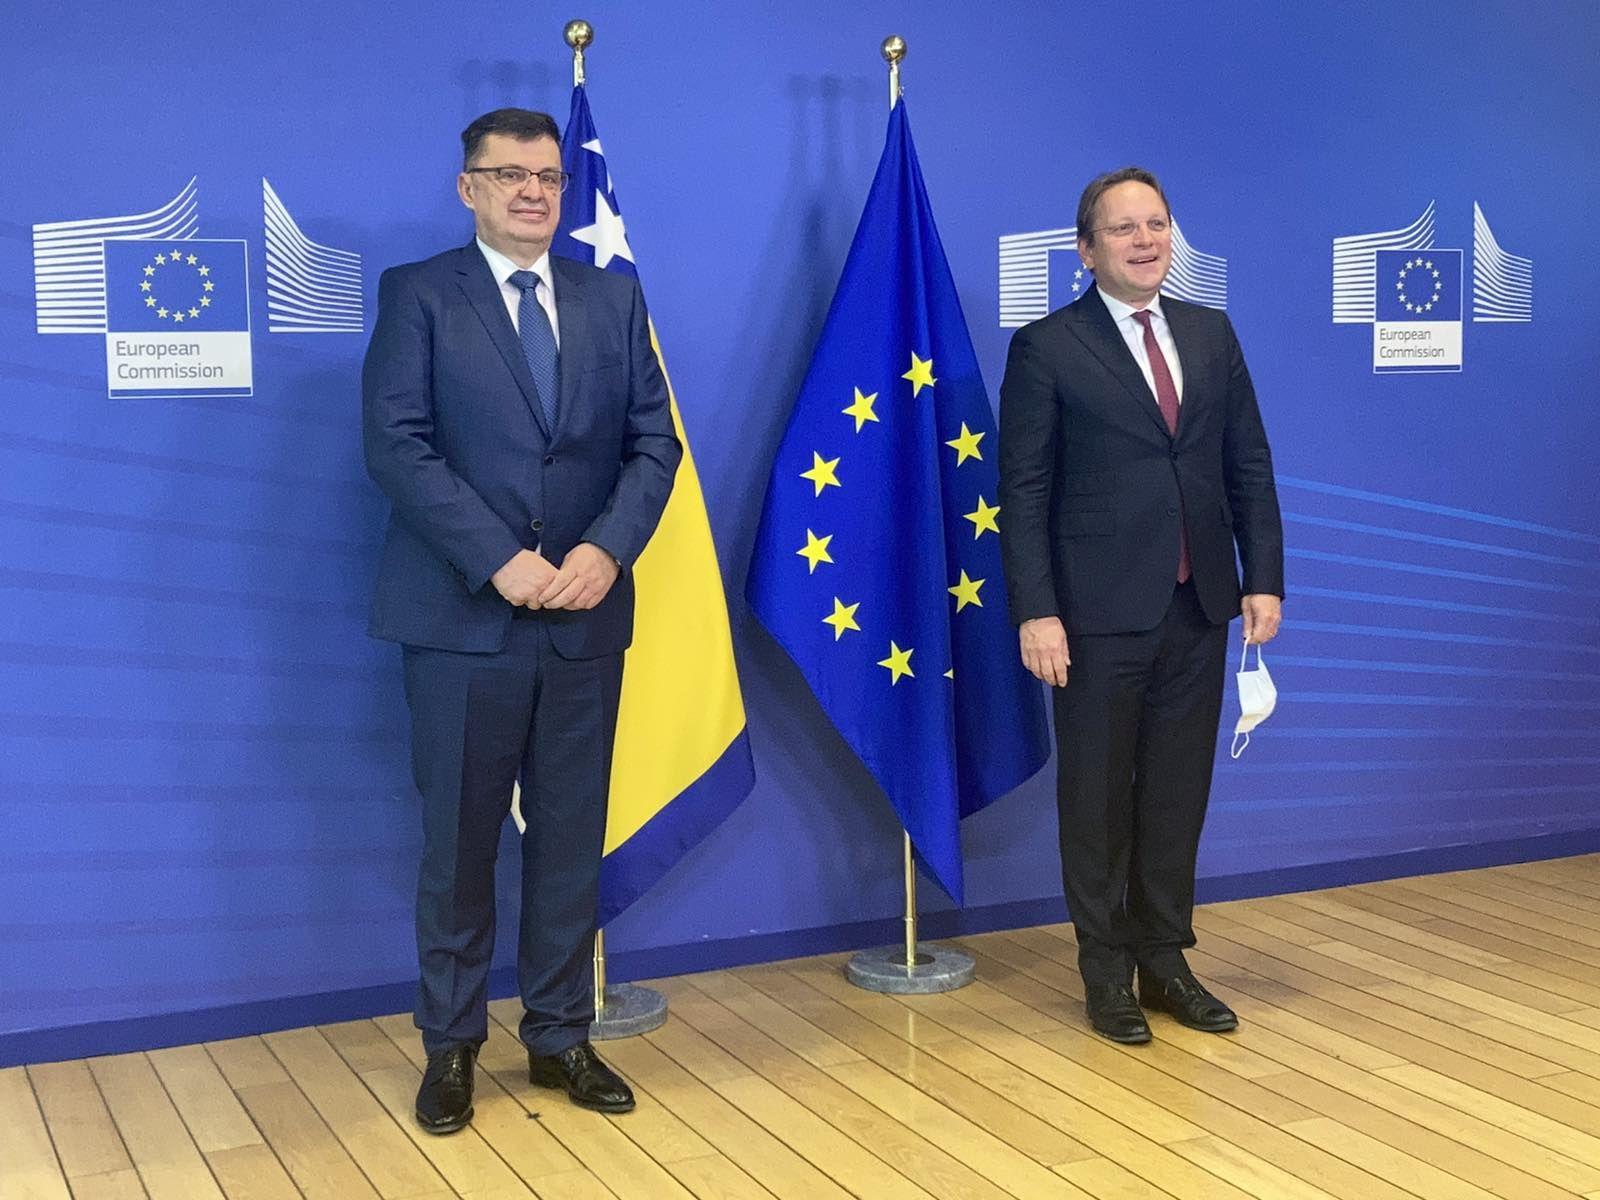 Β-Ε: Ο Tegeltija συναντήθηκε με τον Varhelyi στις Βρυξέλλες